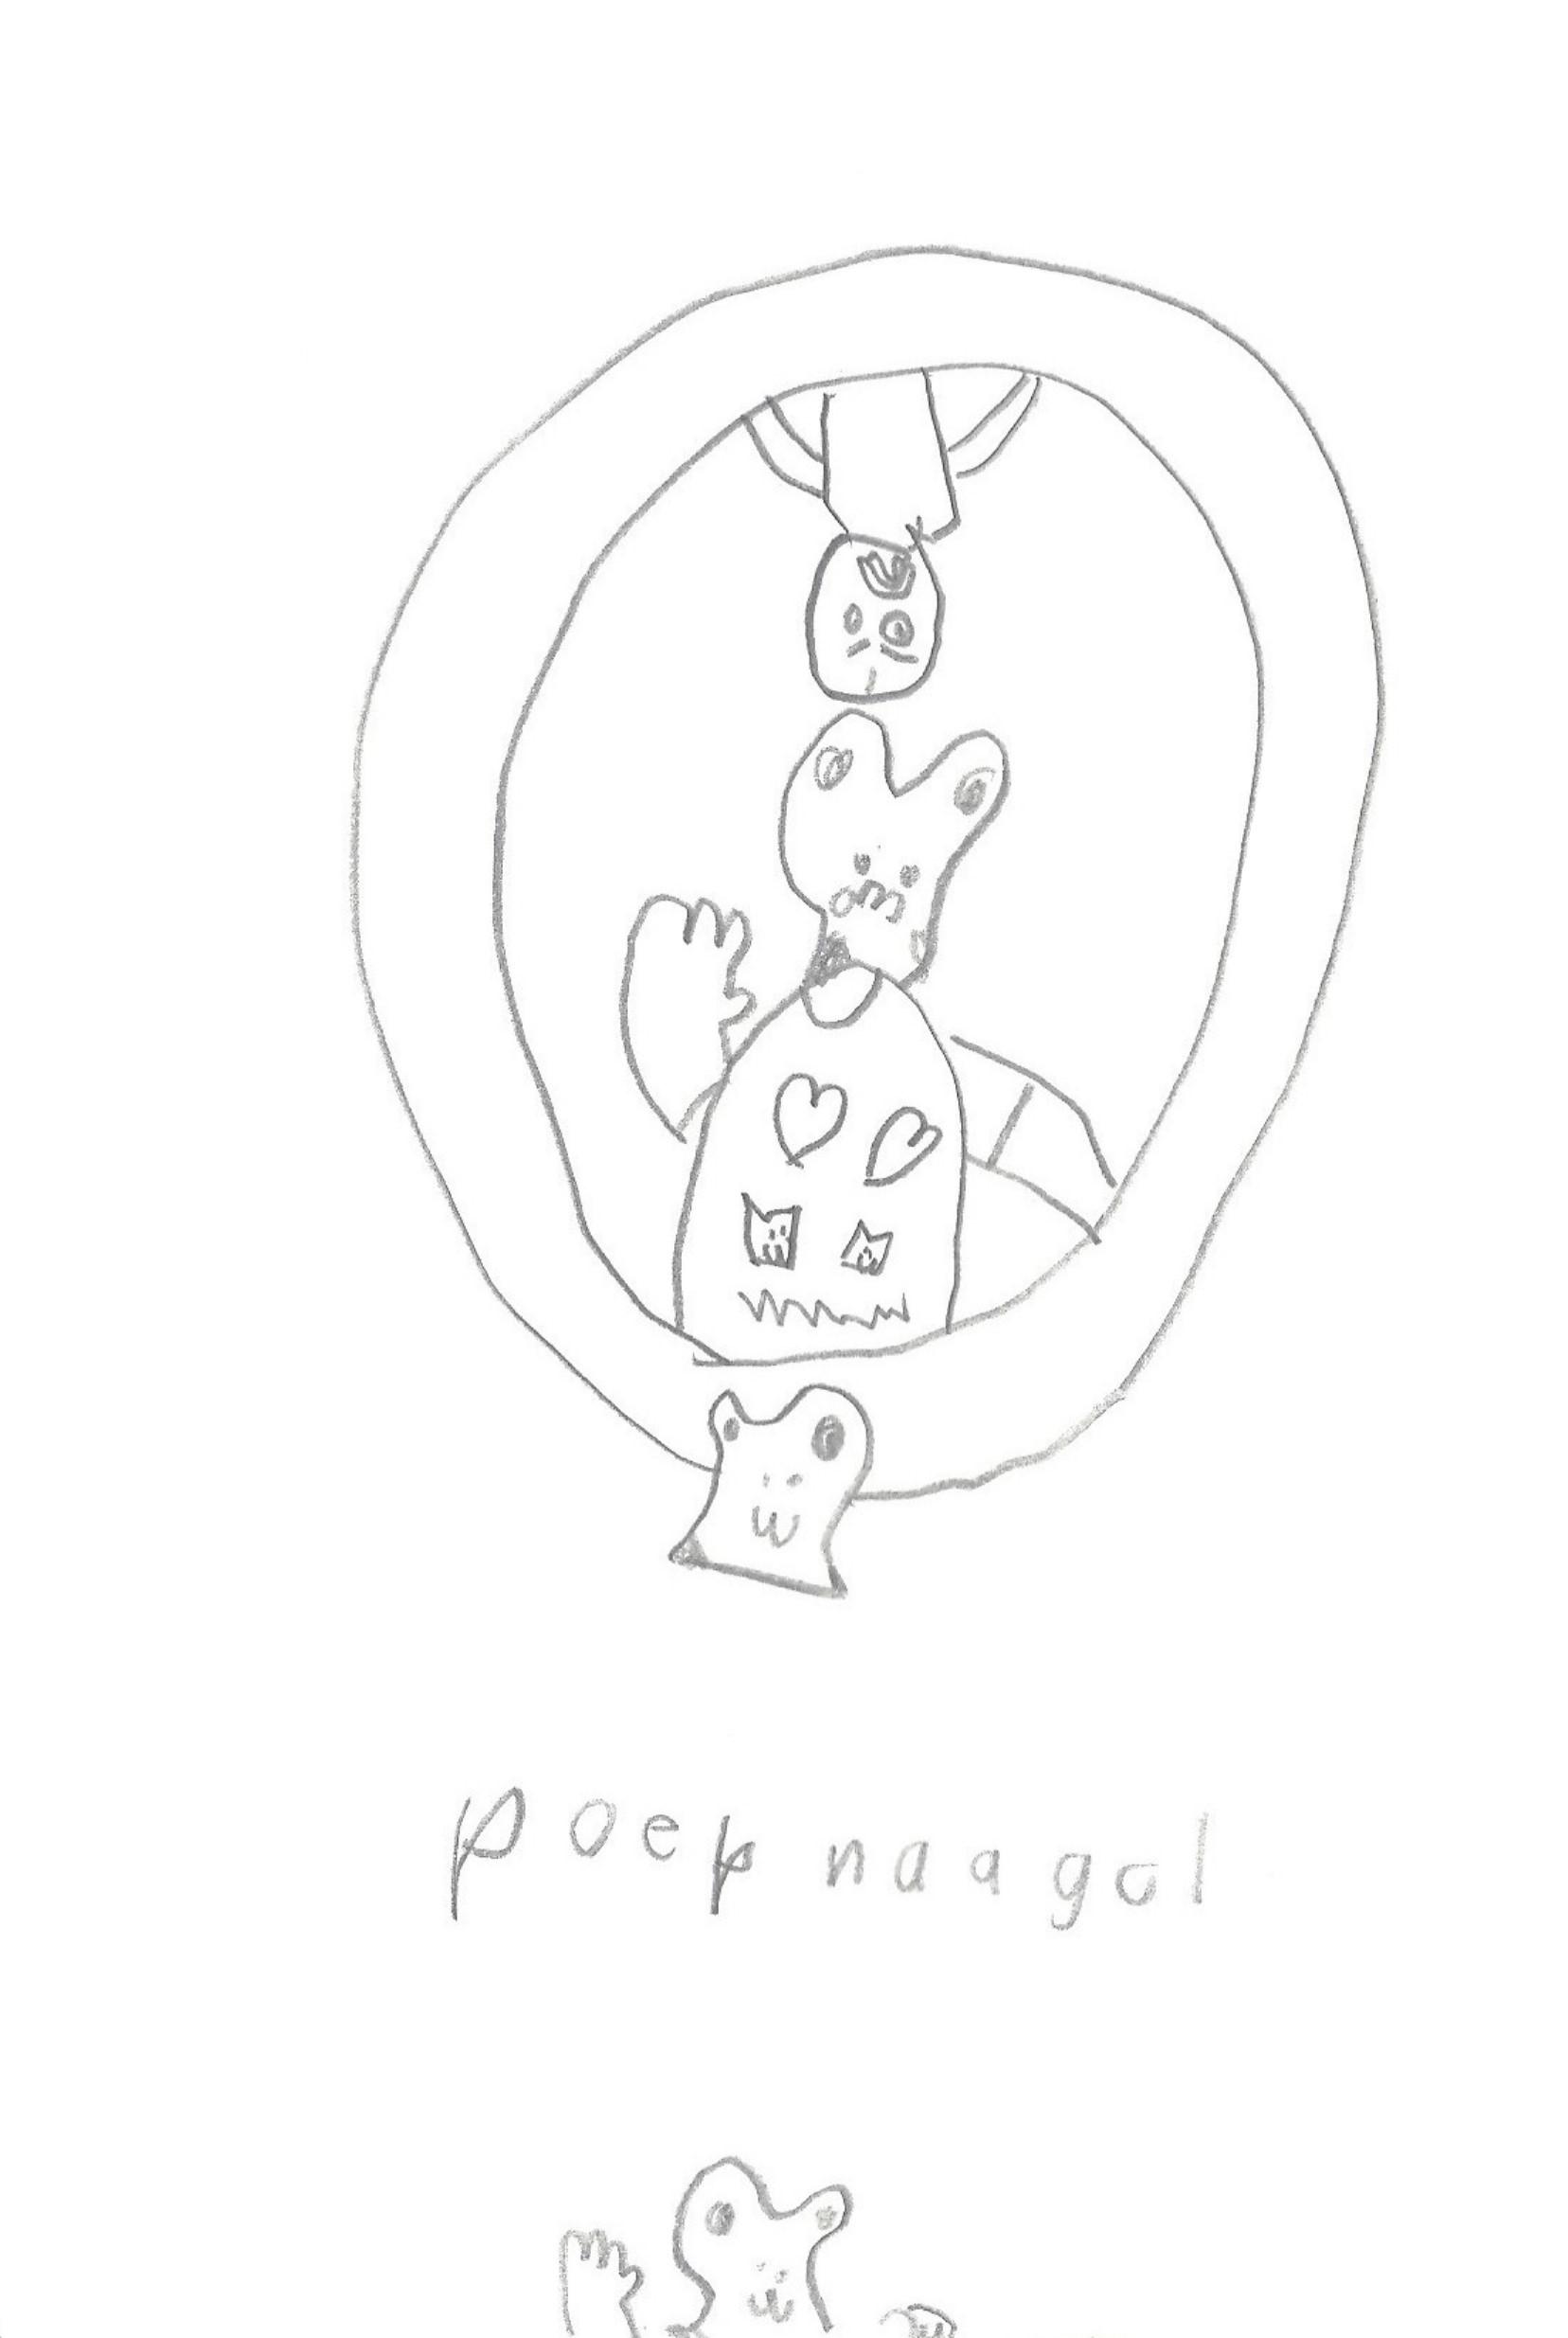 Voorpagina Poepnaagol 10